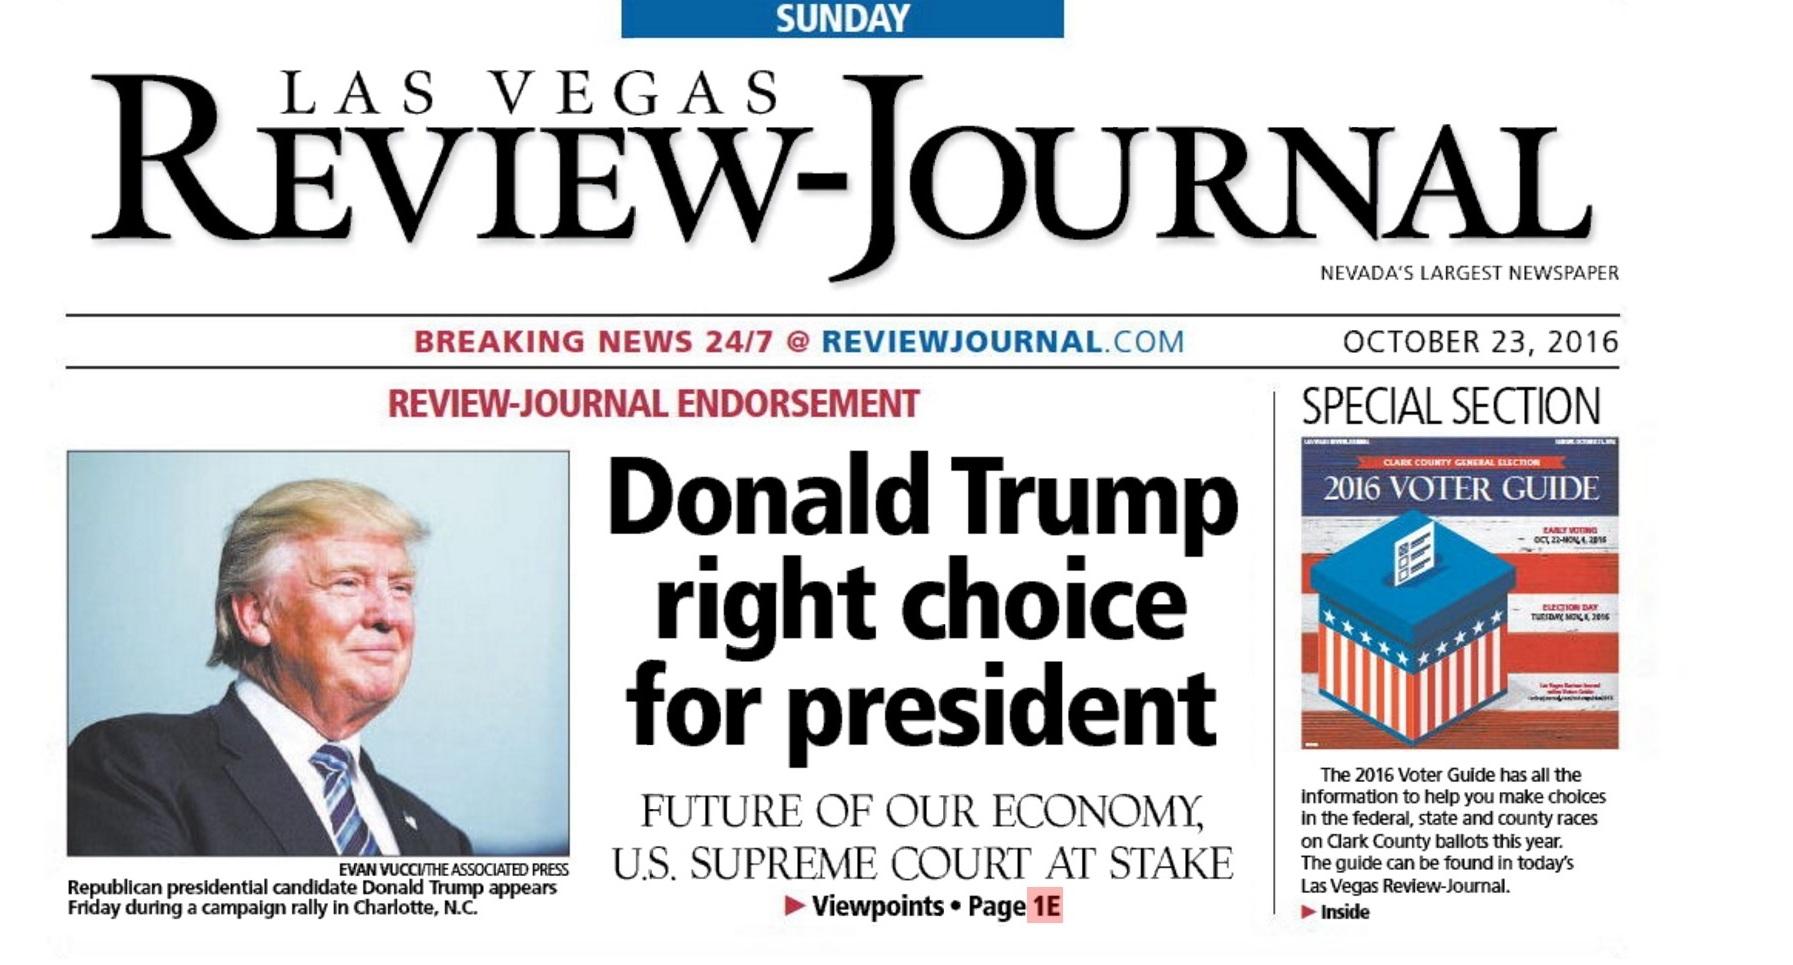 「拉斯維加斯評論報」成為首份表態支持杜林普的主流報章。